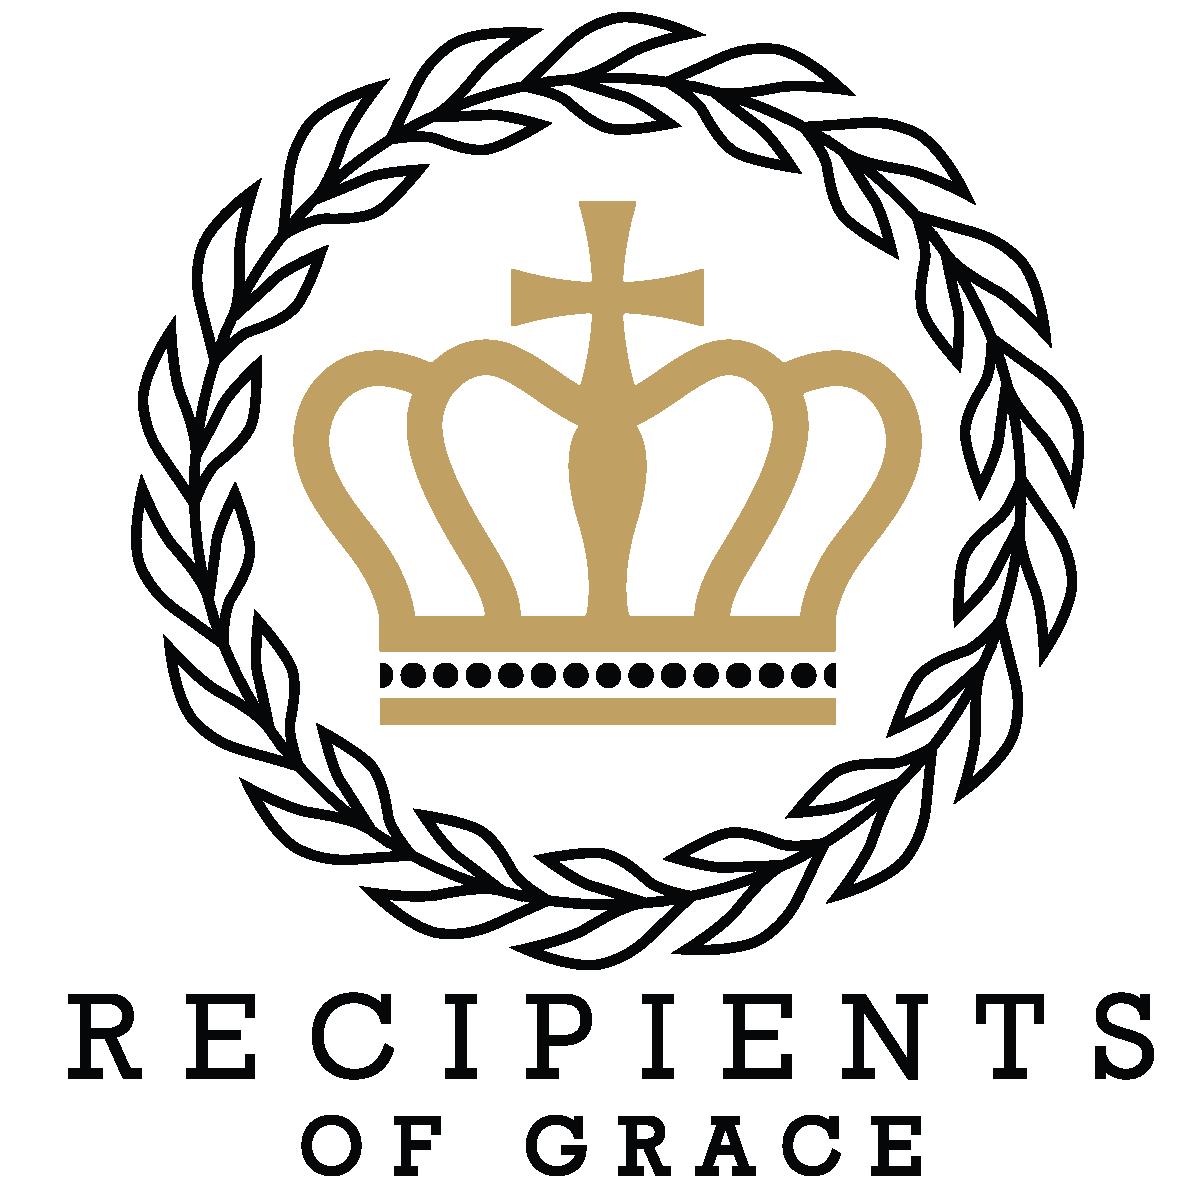 Recipients of Grace